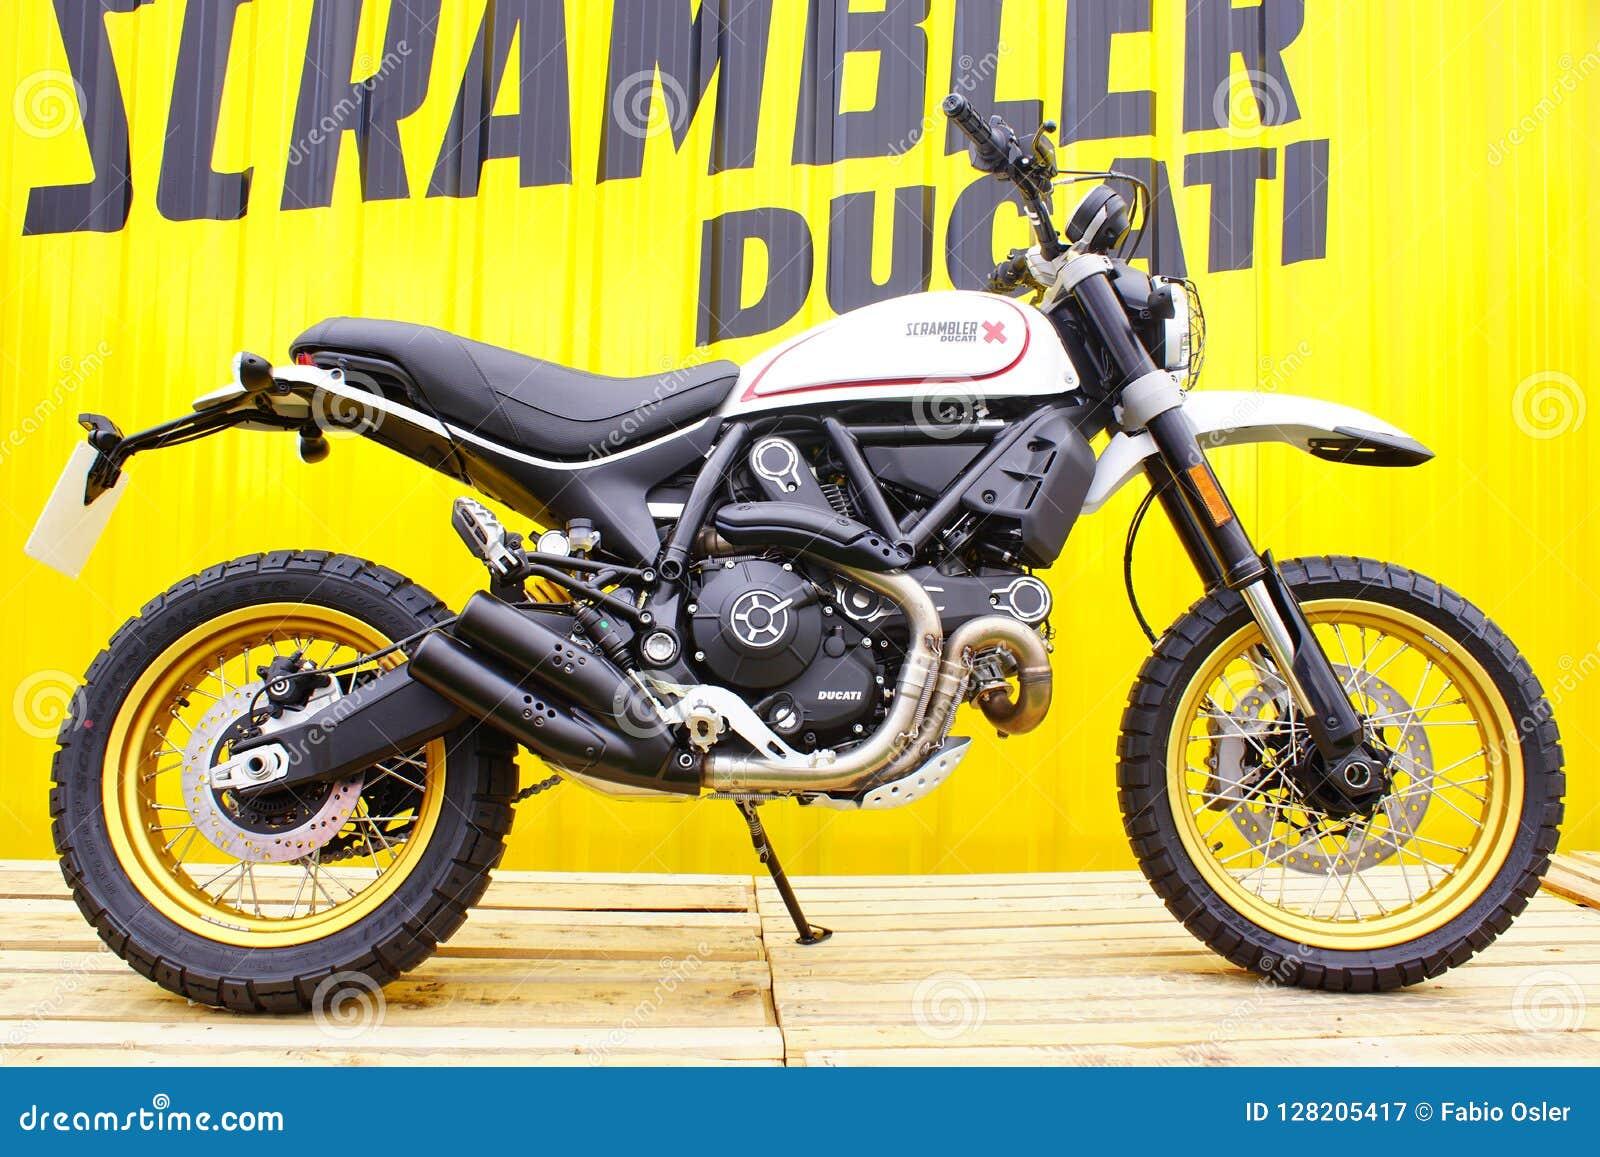 Ducati Scrambler X 400cc.